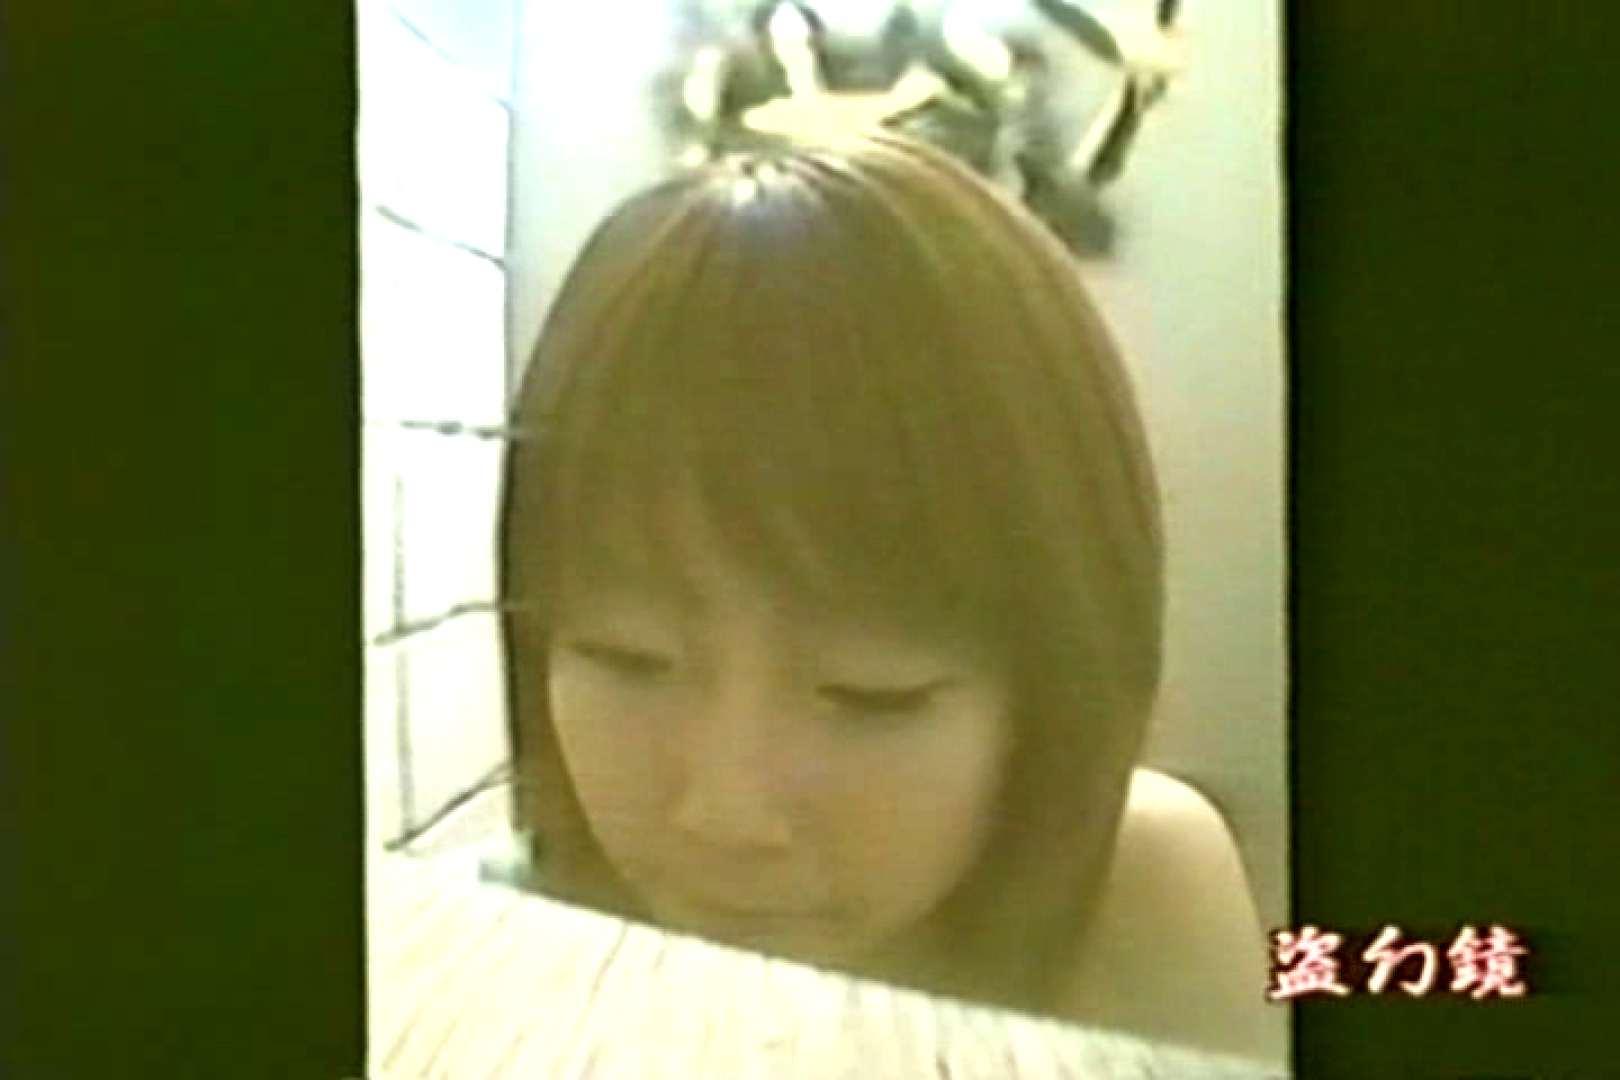 水着ギャル和式女子大生● MT-1 洗面所突入 ヌード画像 103pic 38